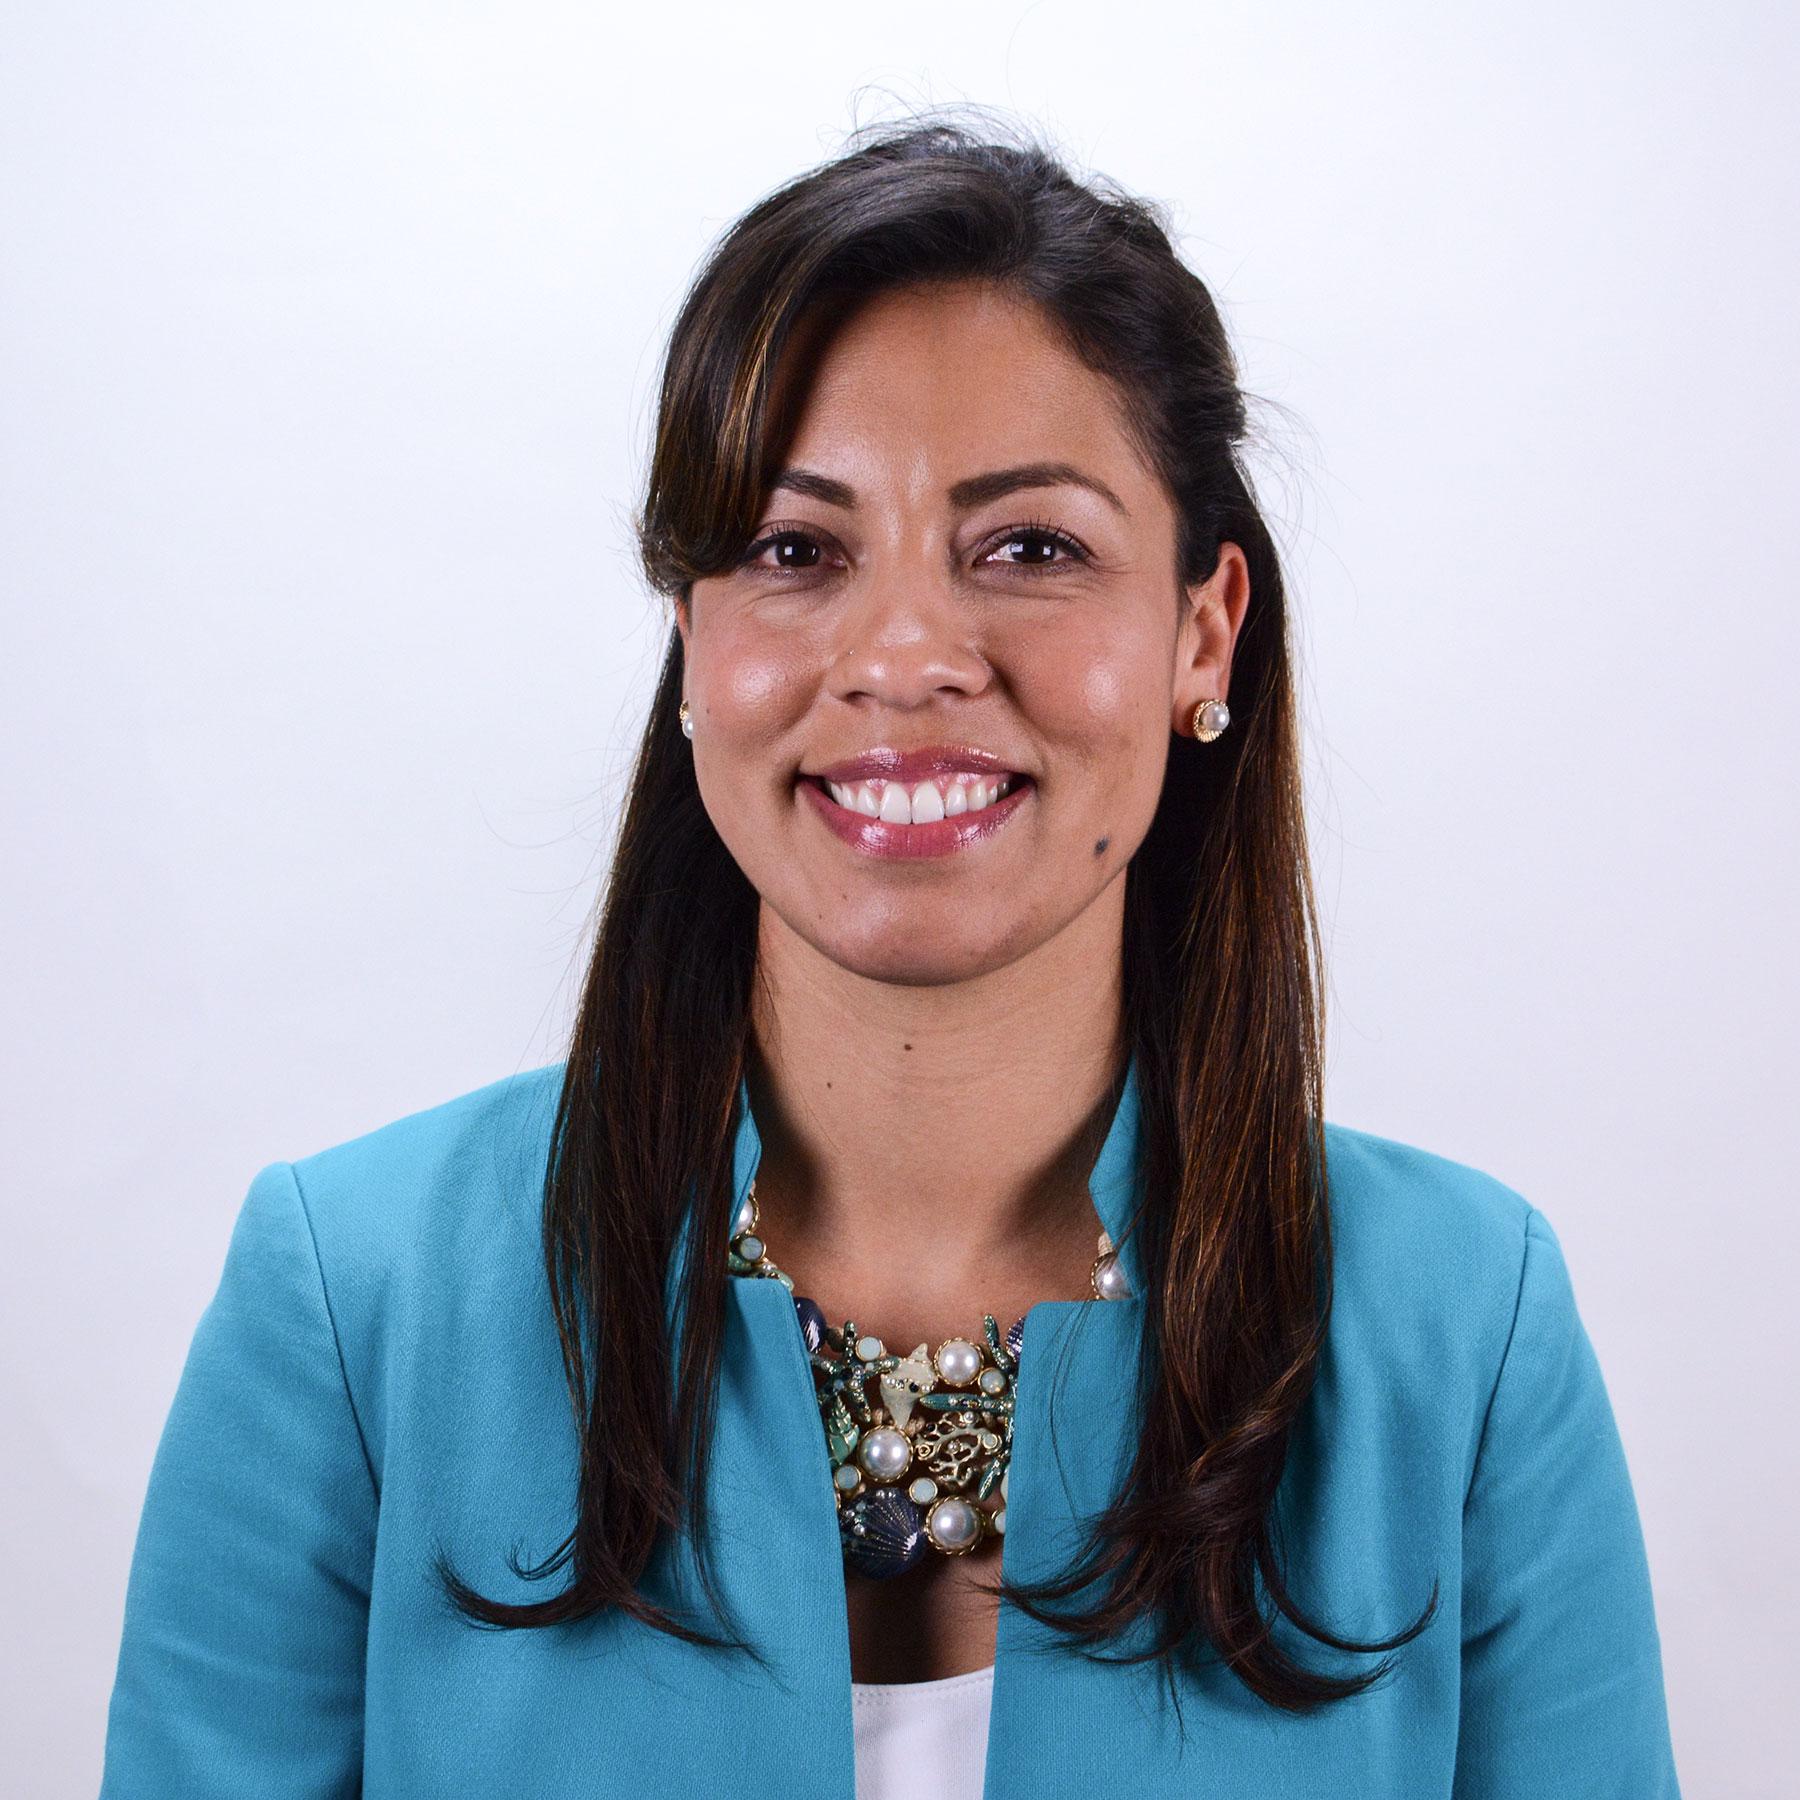 Gabriela Welch